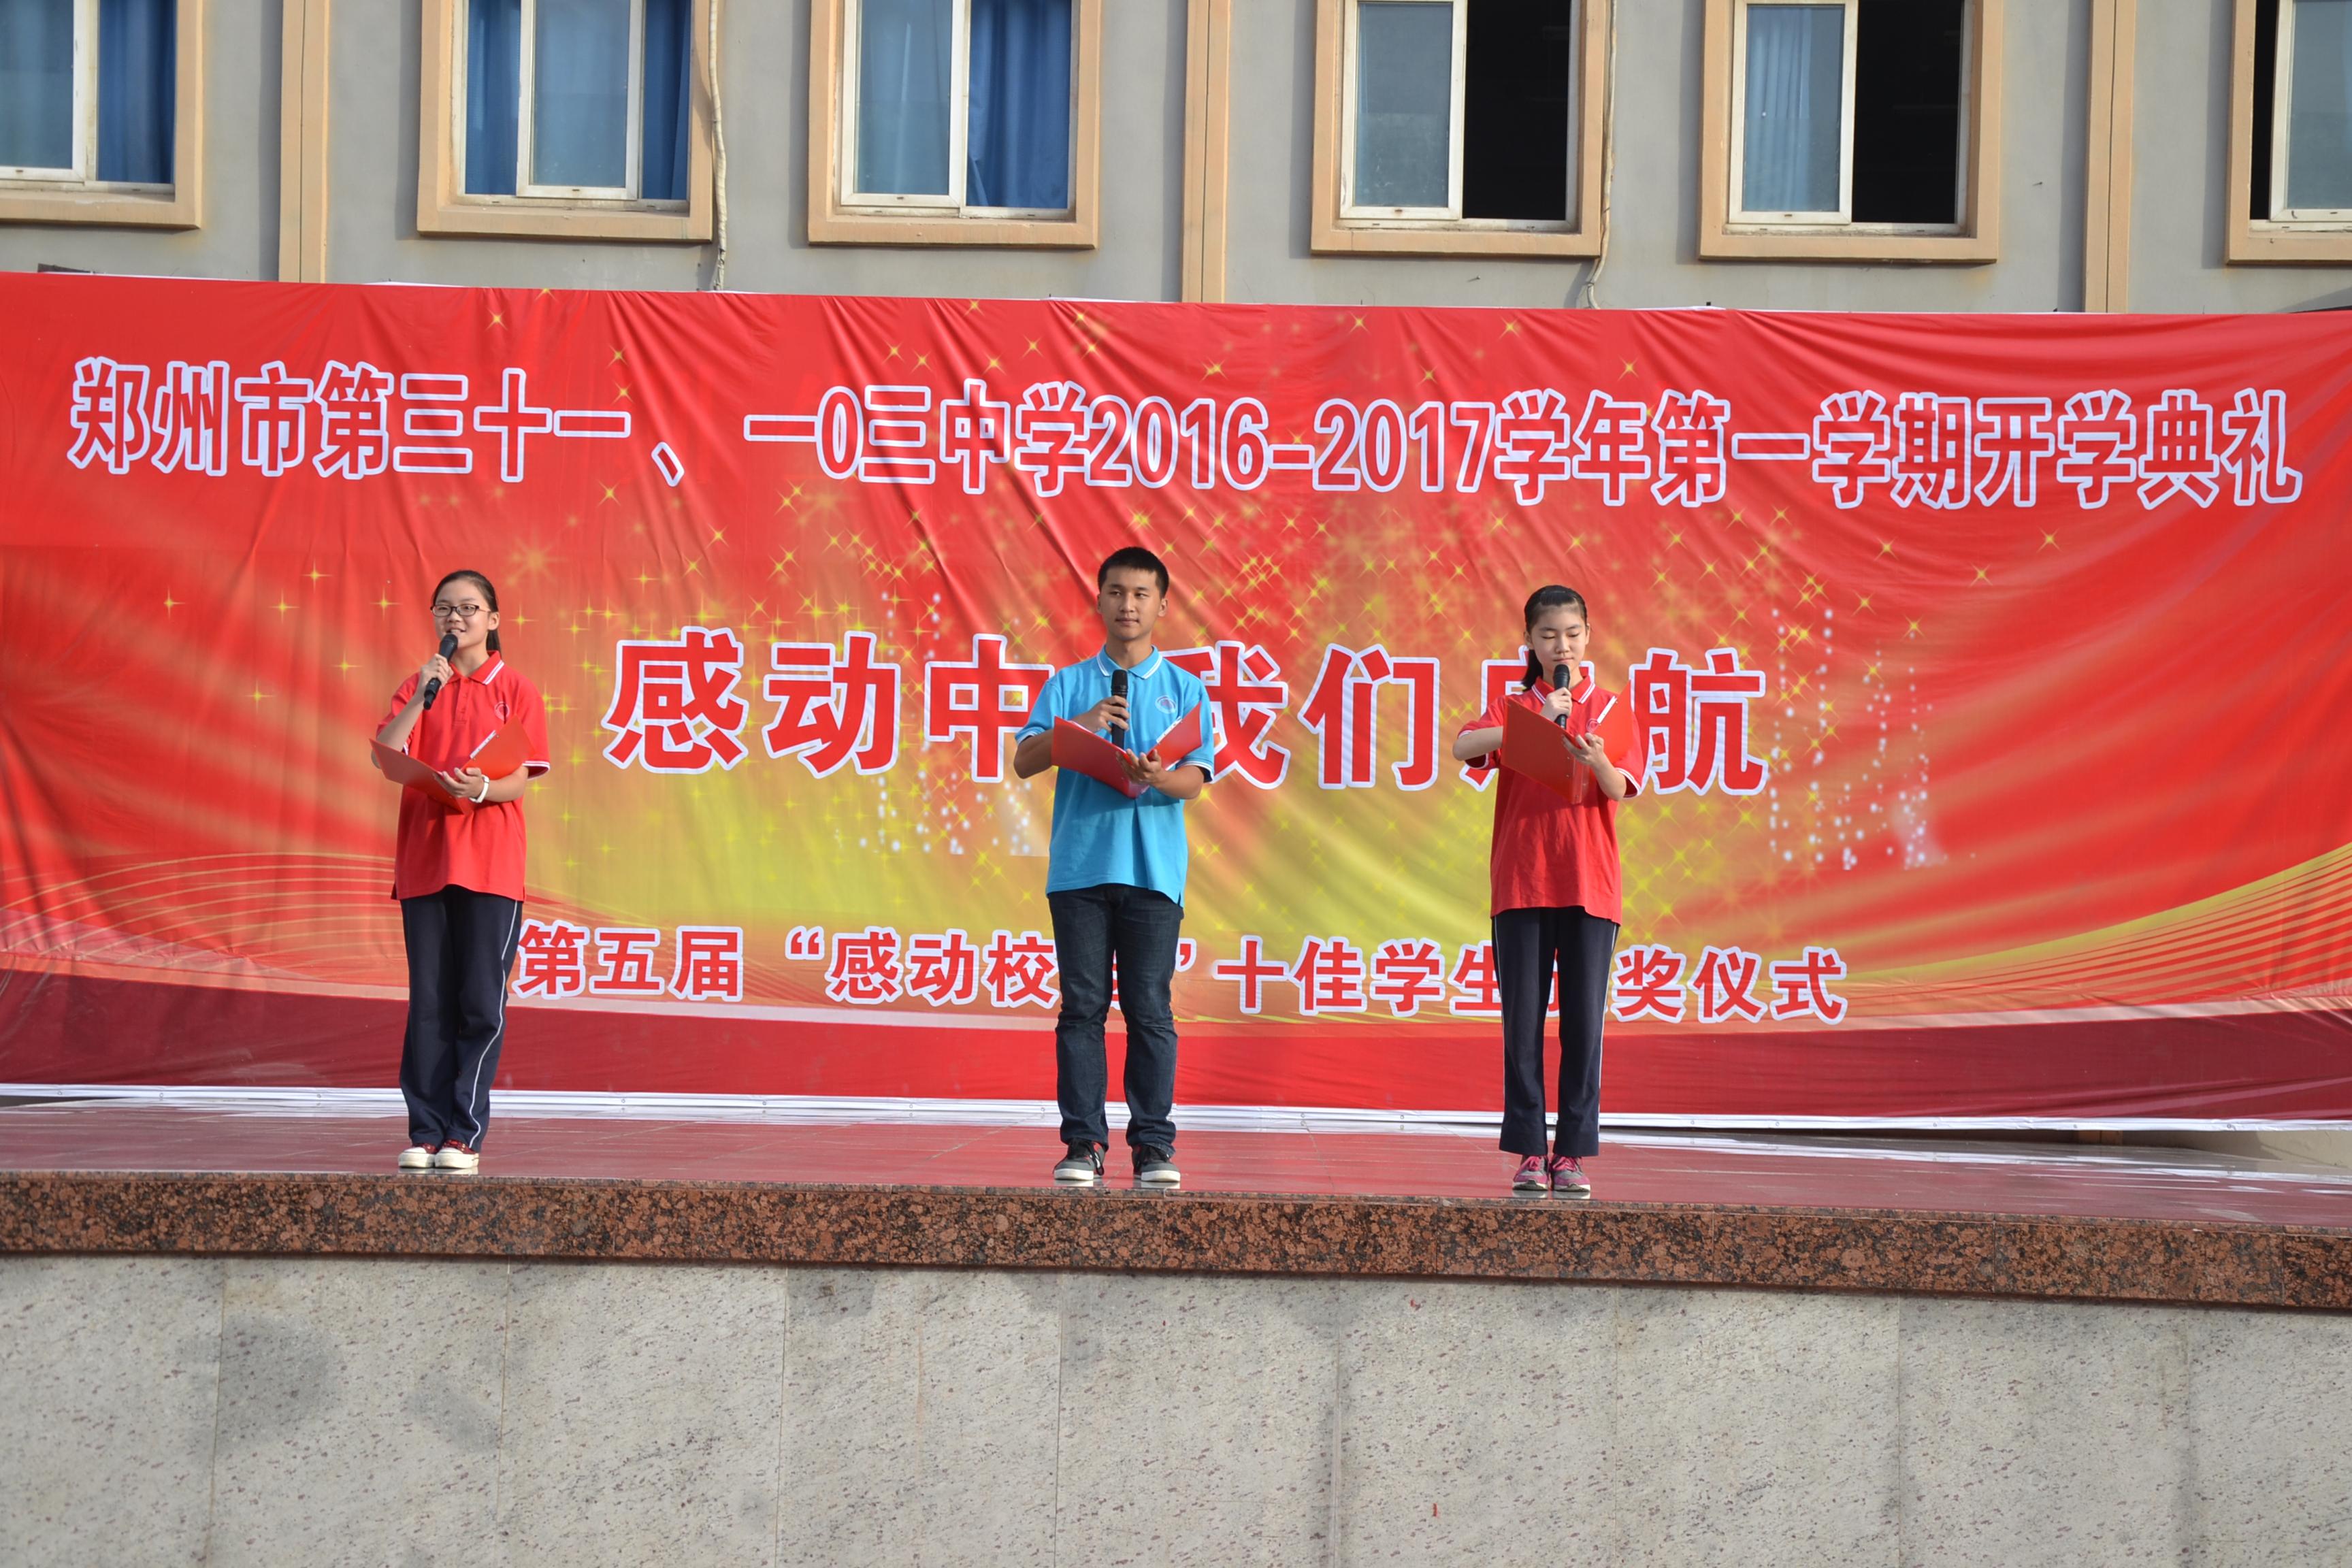 郑州市第31,103典礼2016-2017学年开学初中现场中学新概念图片